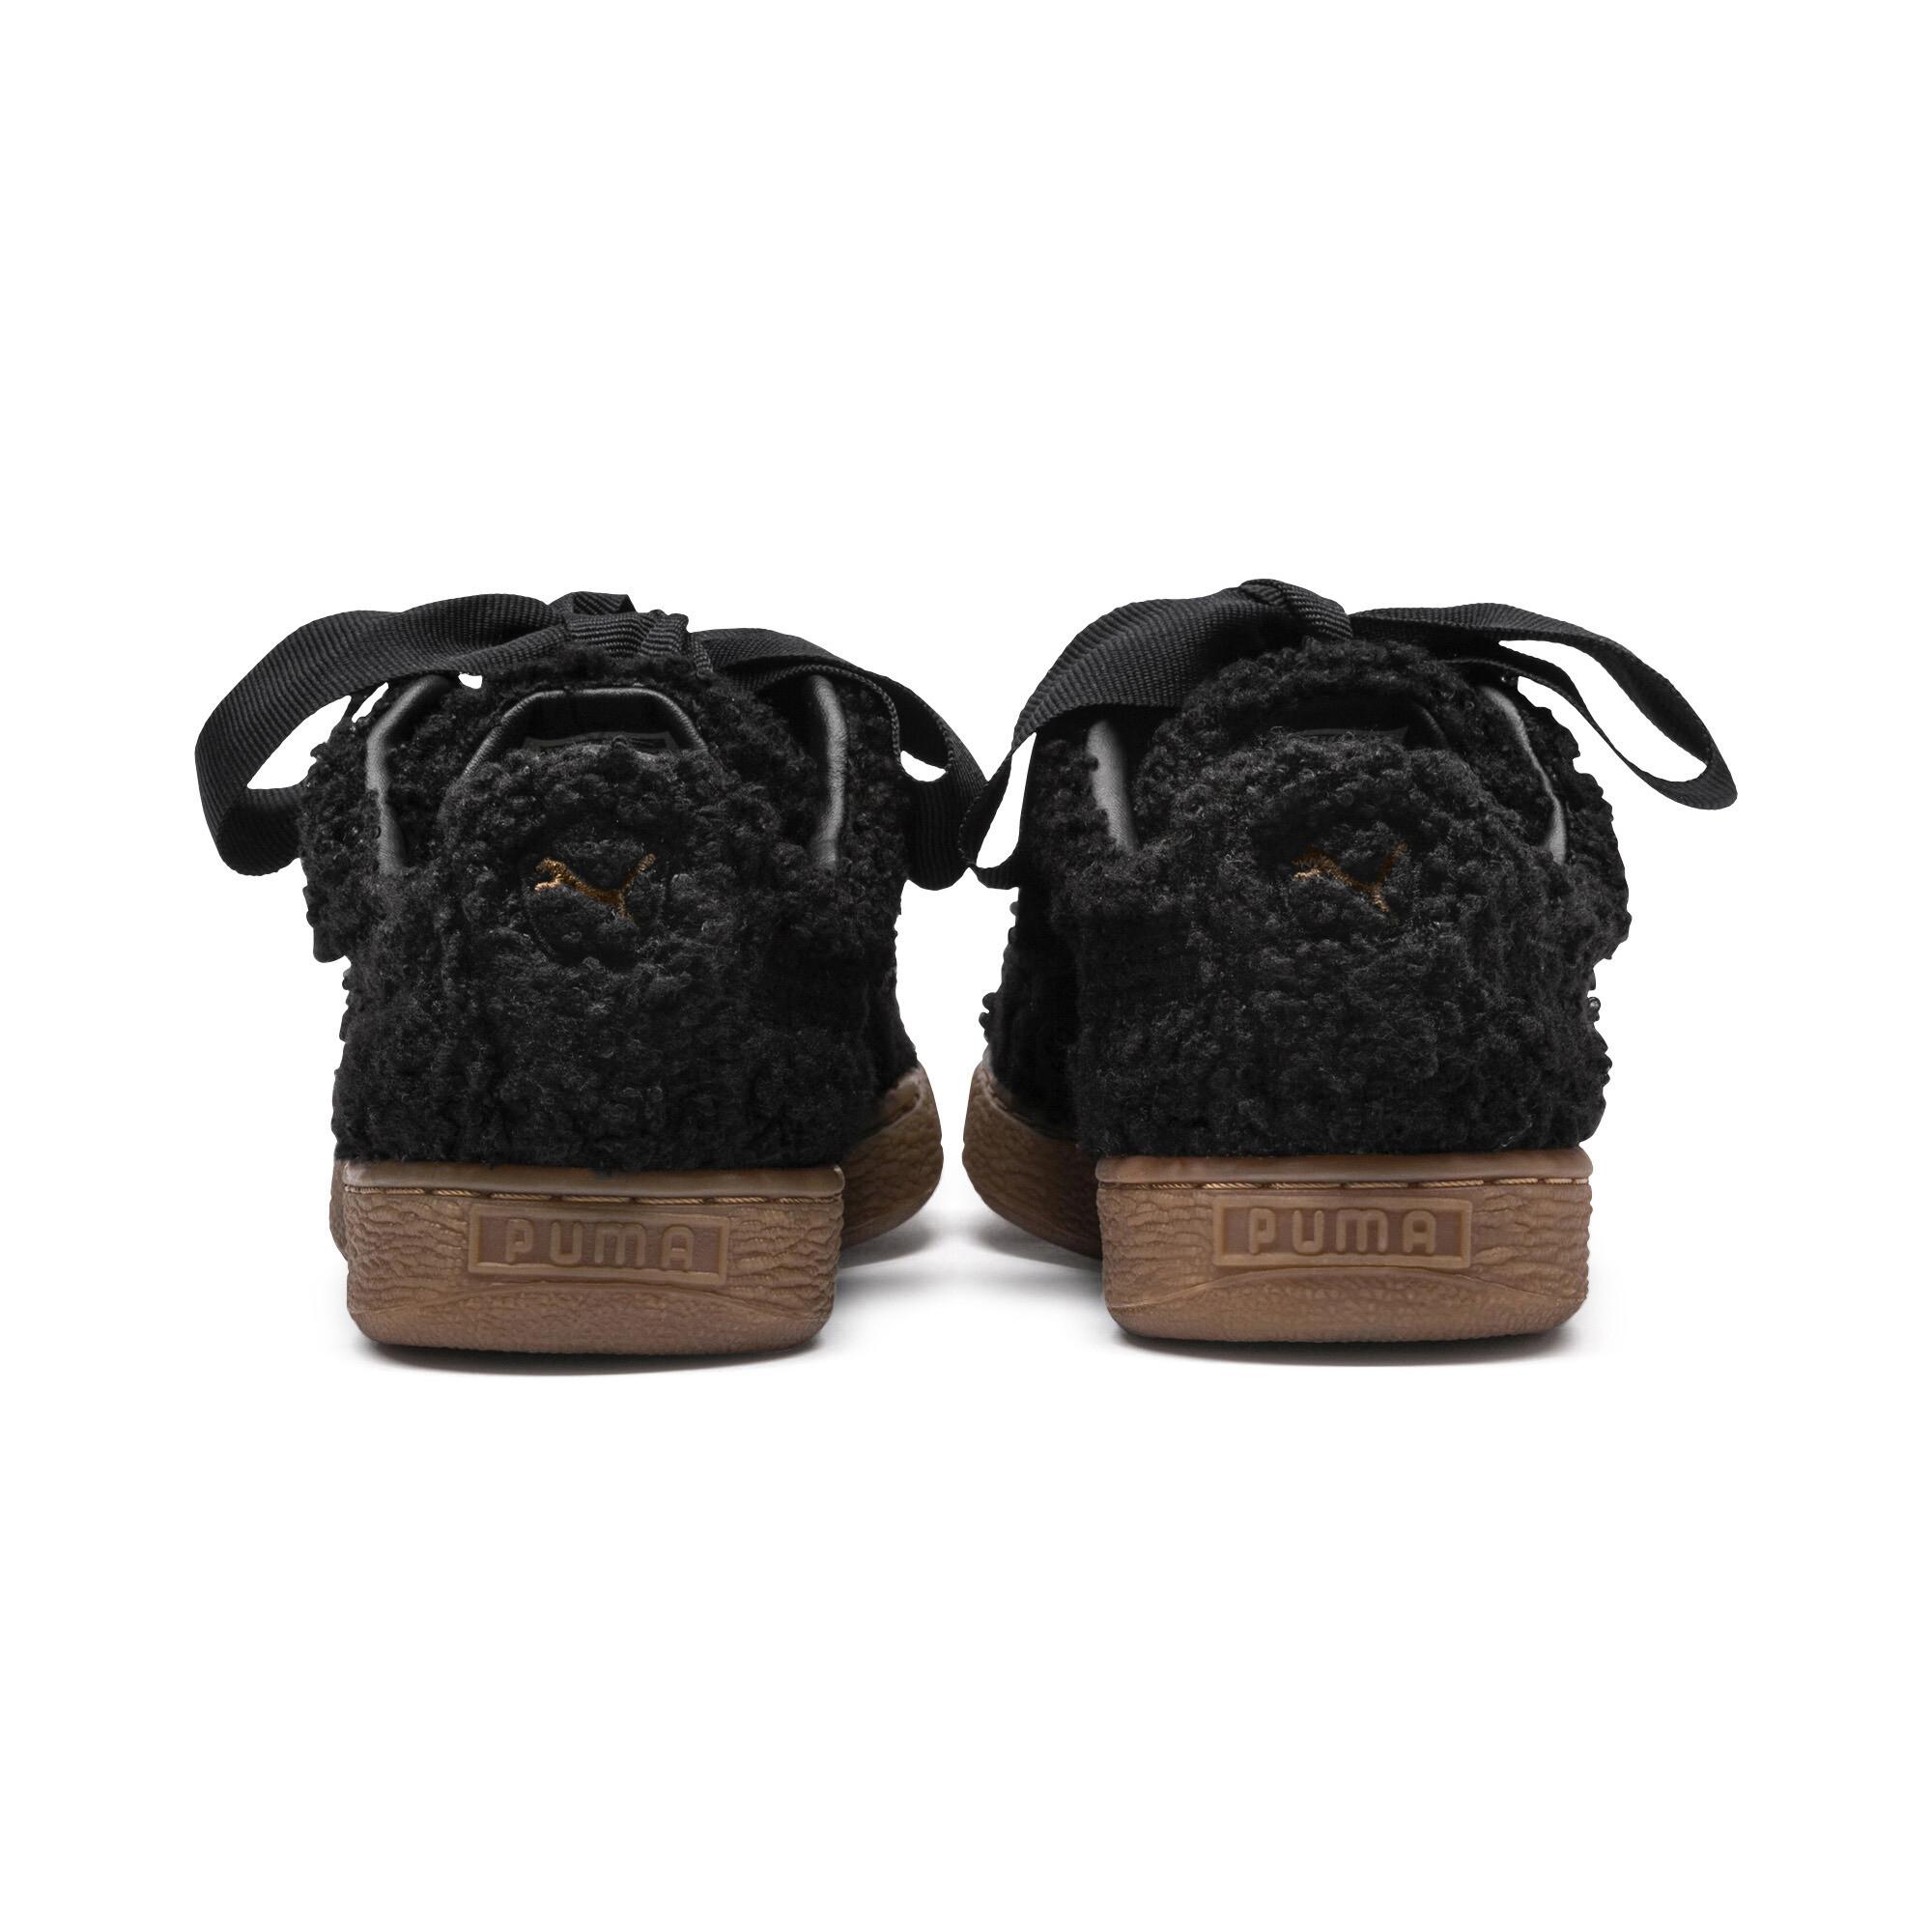 PUMA Basket Heart Patent Women's Sneakers Women Shoe Sport